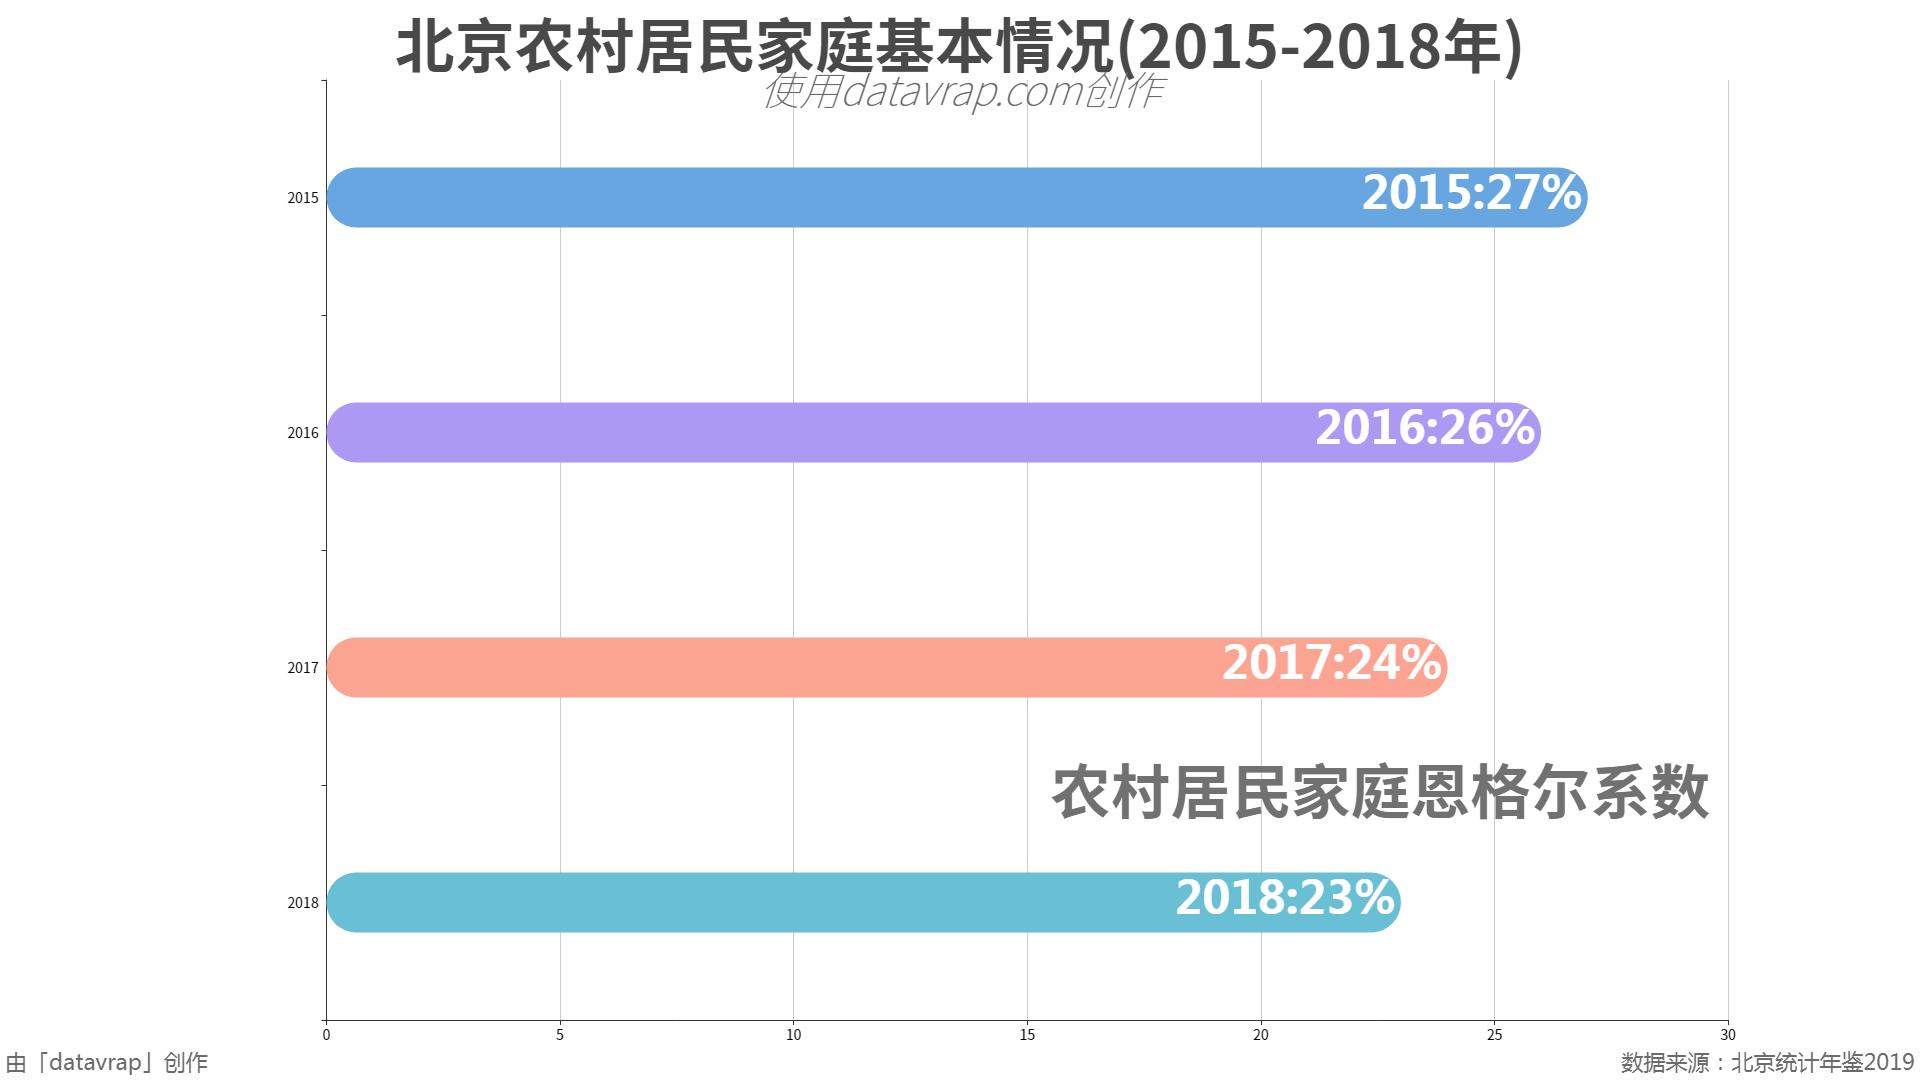 北京农村居民家庭基本情况(2015-2018年)